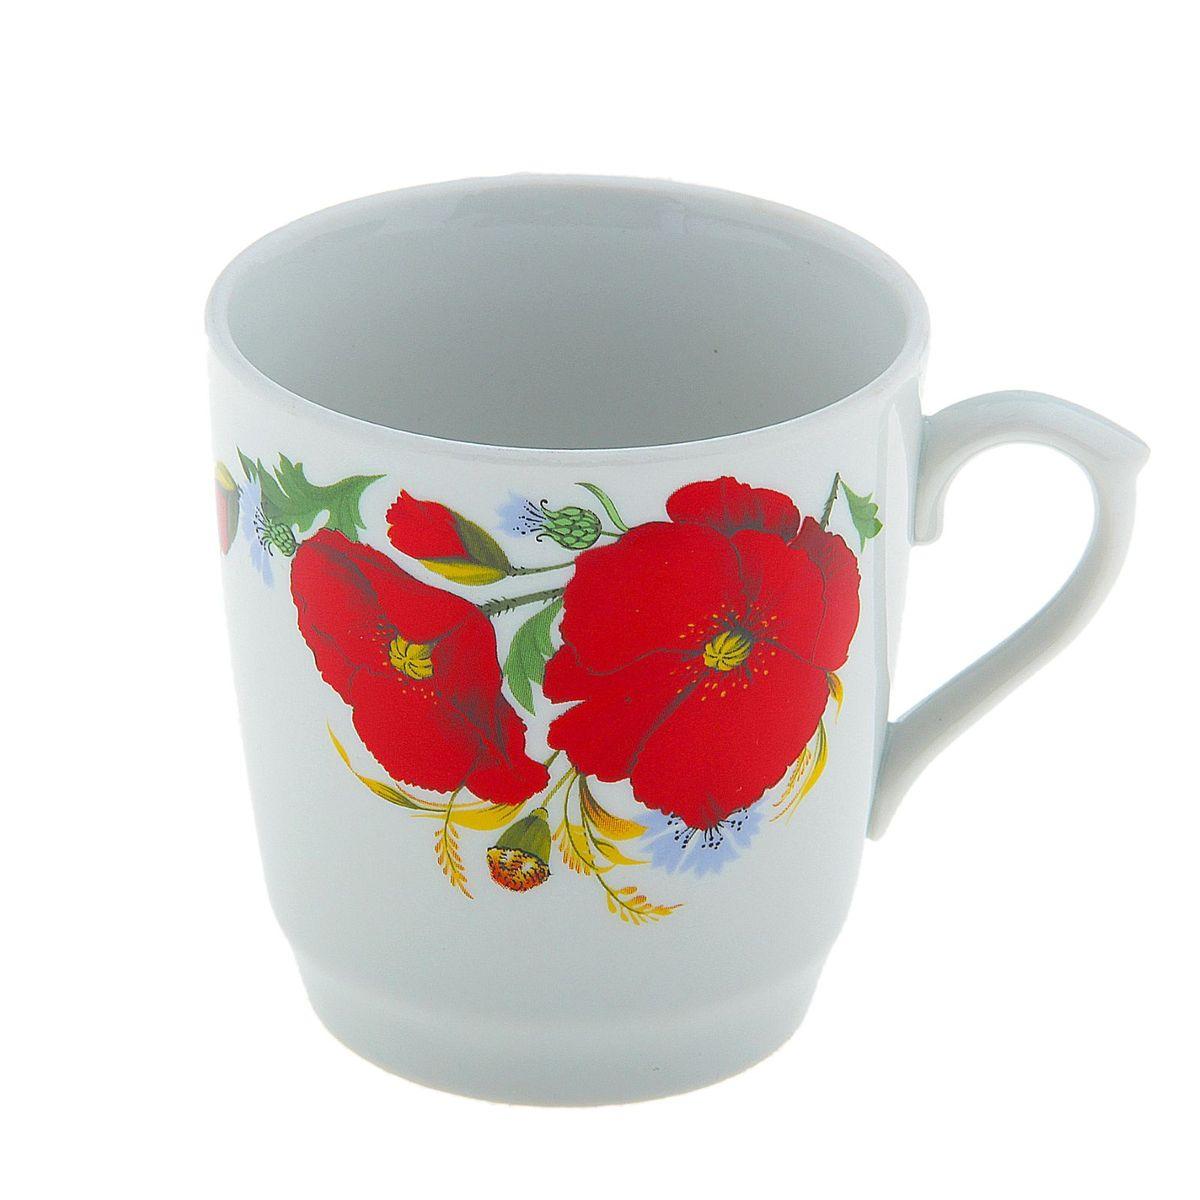 """Кружка """"Маки красные"""" изготовлена из высококачественного фарфора. Изделие оформлено красочным цветочным рисунком и покрыто превосходной глазурью.  Изысканная кружка прекрасно оформит стол к чаепитию и станет его неизменным атрибутом."""